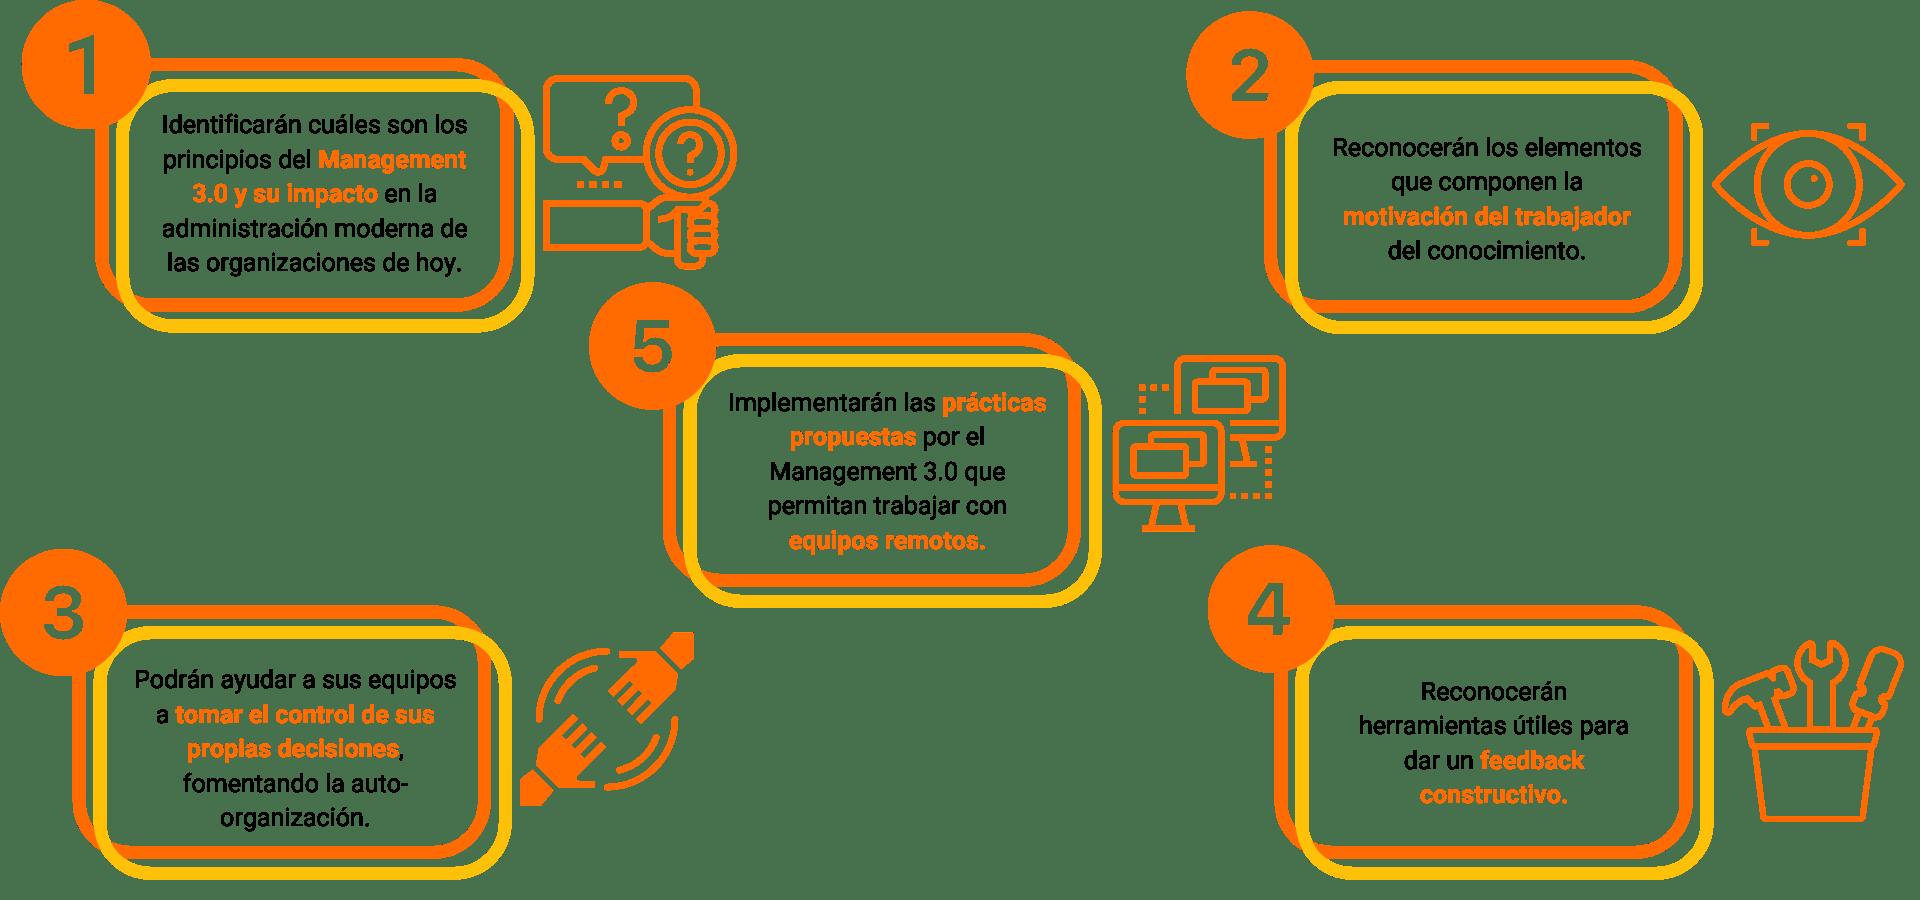 Conocimientos AgileWise